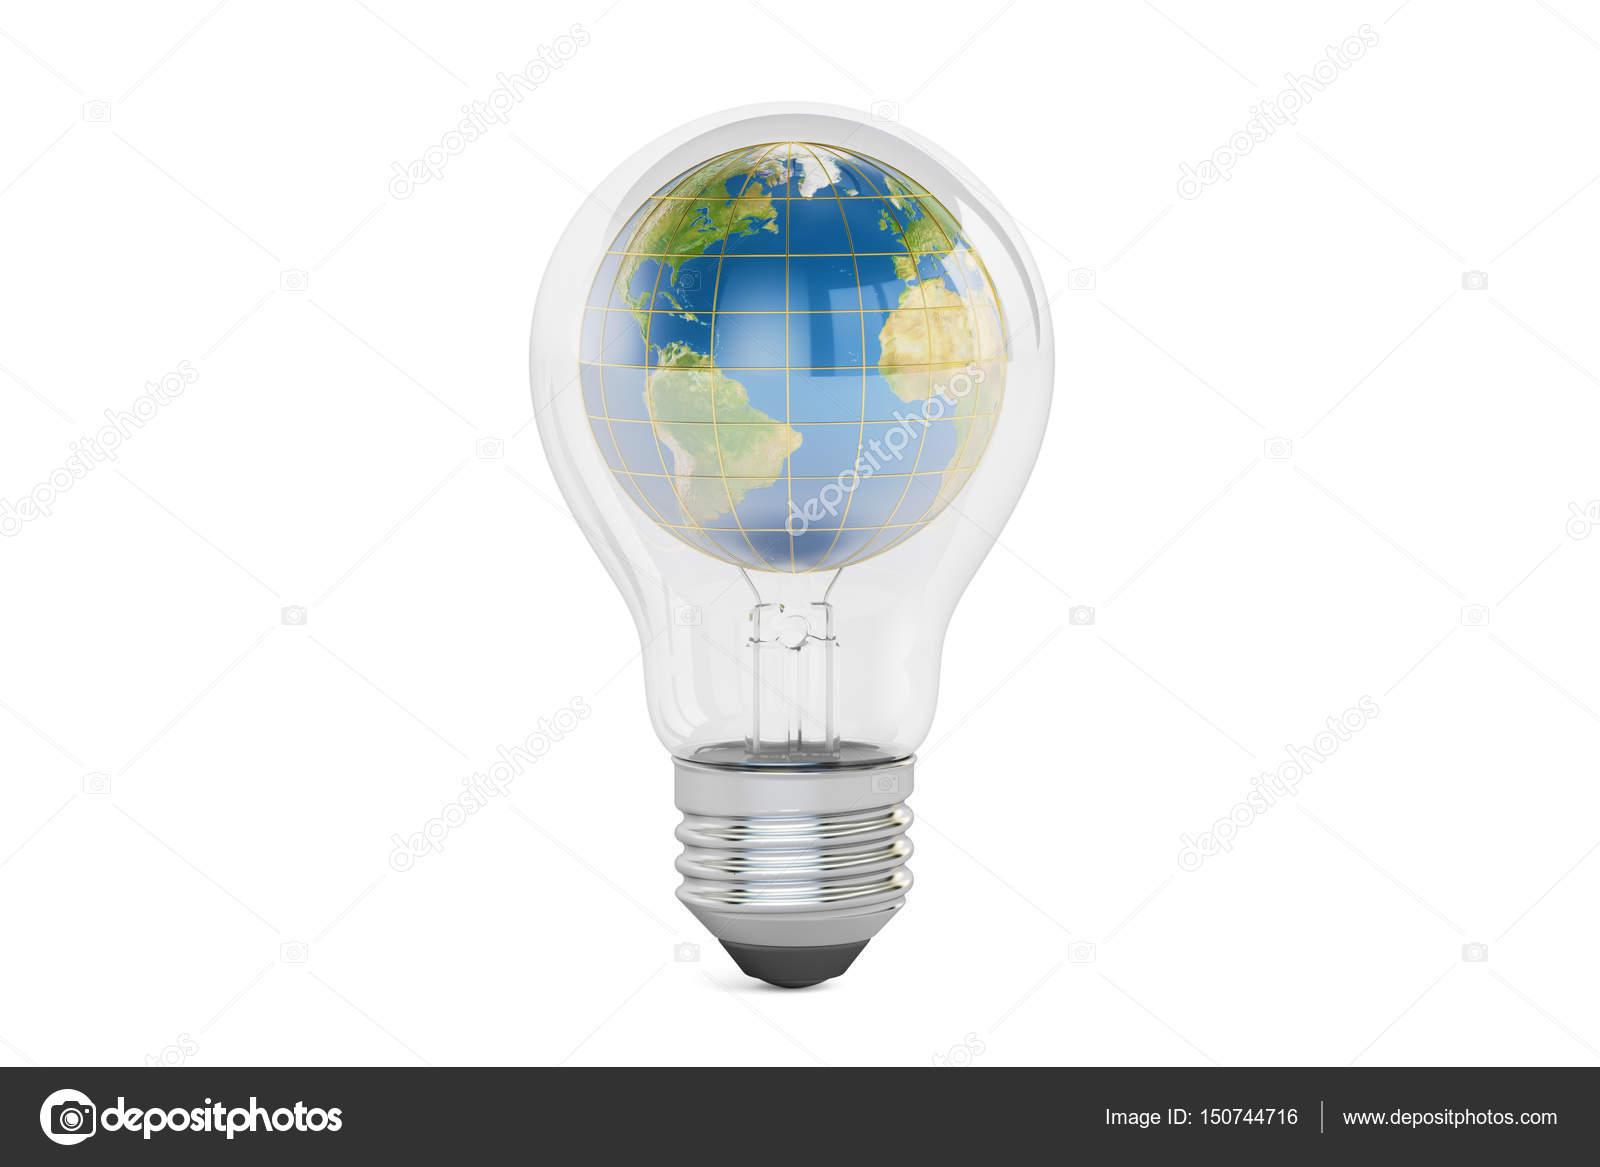 Lampade A Globo A Risparmio Energetico : Lampadina con il globo della terra all interno salvo il concetto